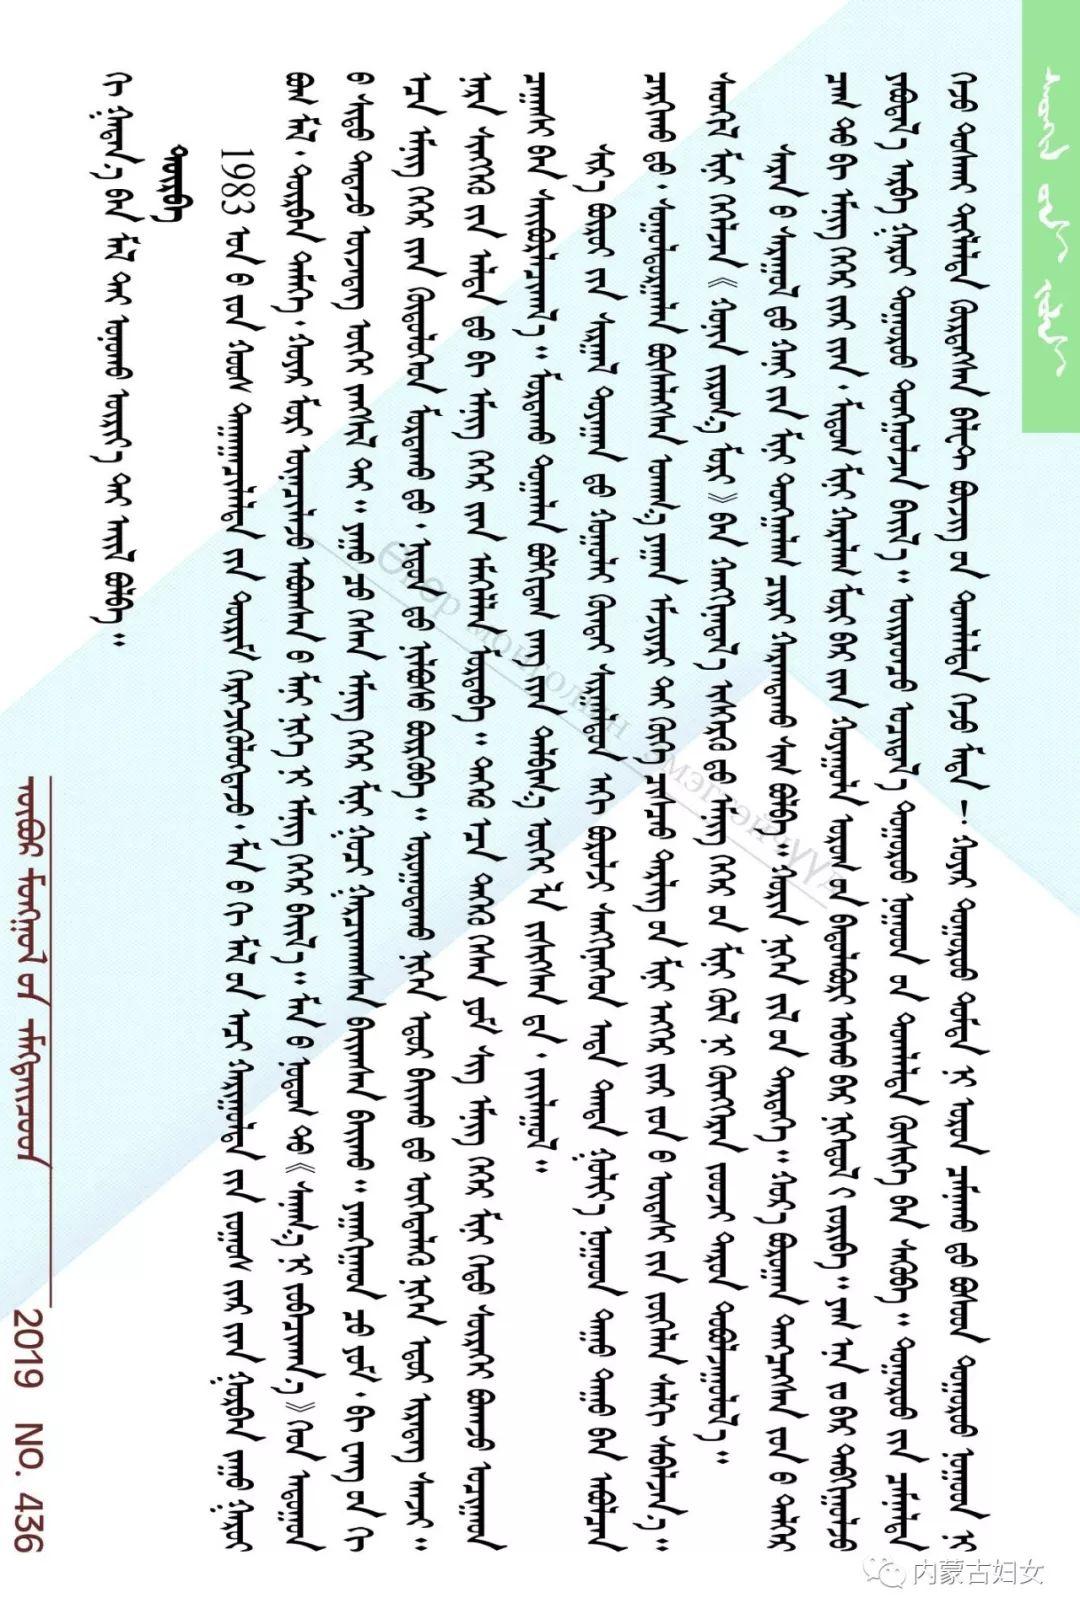 【心灵驿站】烈马(蒙古文) 第8张 【心灵驿站】烈马(蒙古文) 蒙古文化